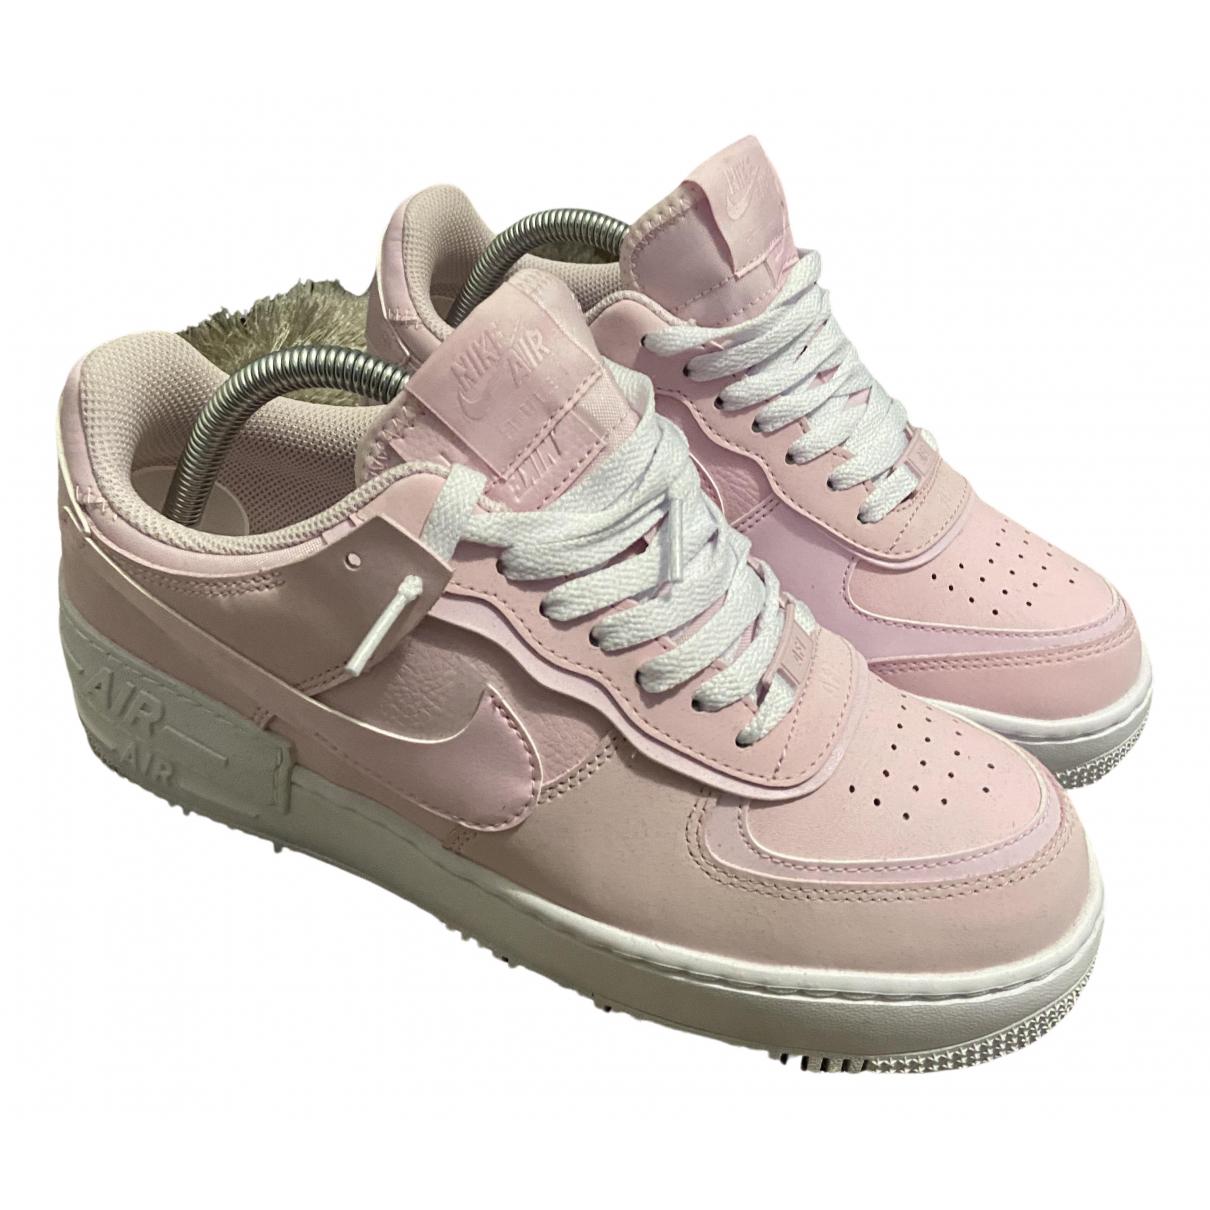 Nike - Baskets Air Force 1 pour femme en toile - rose